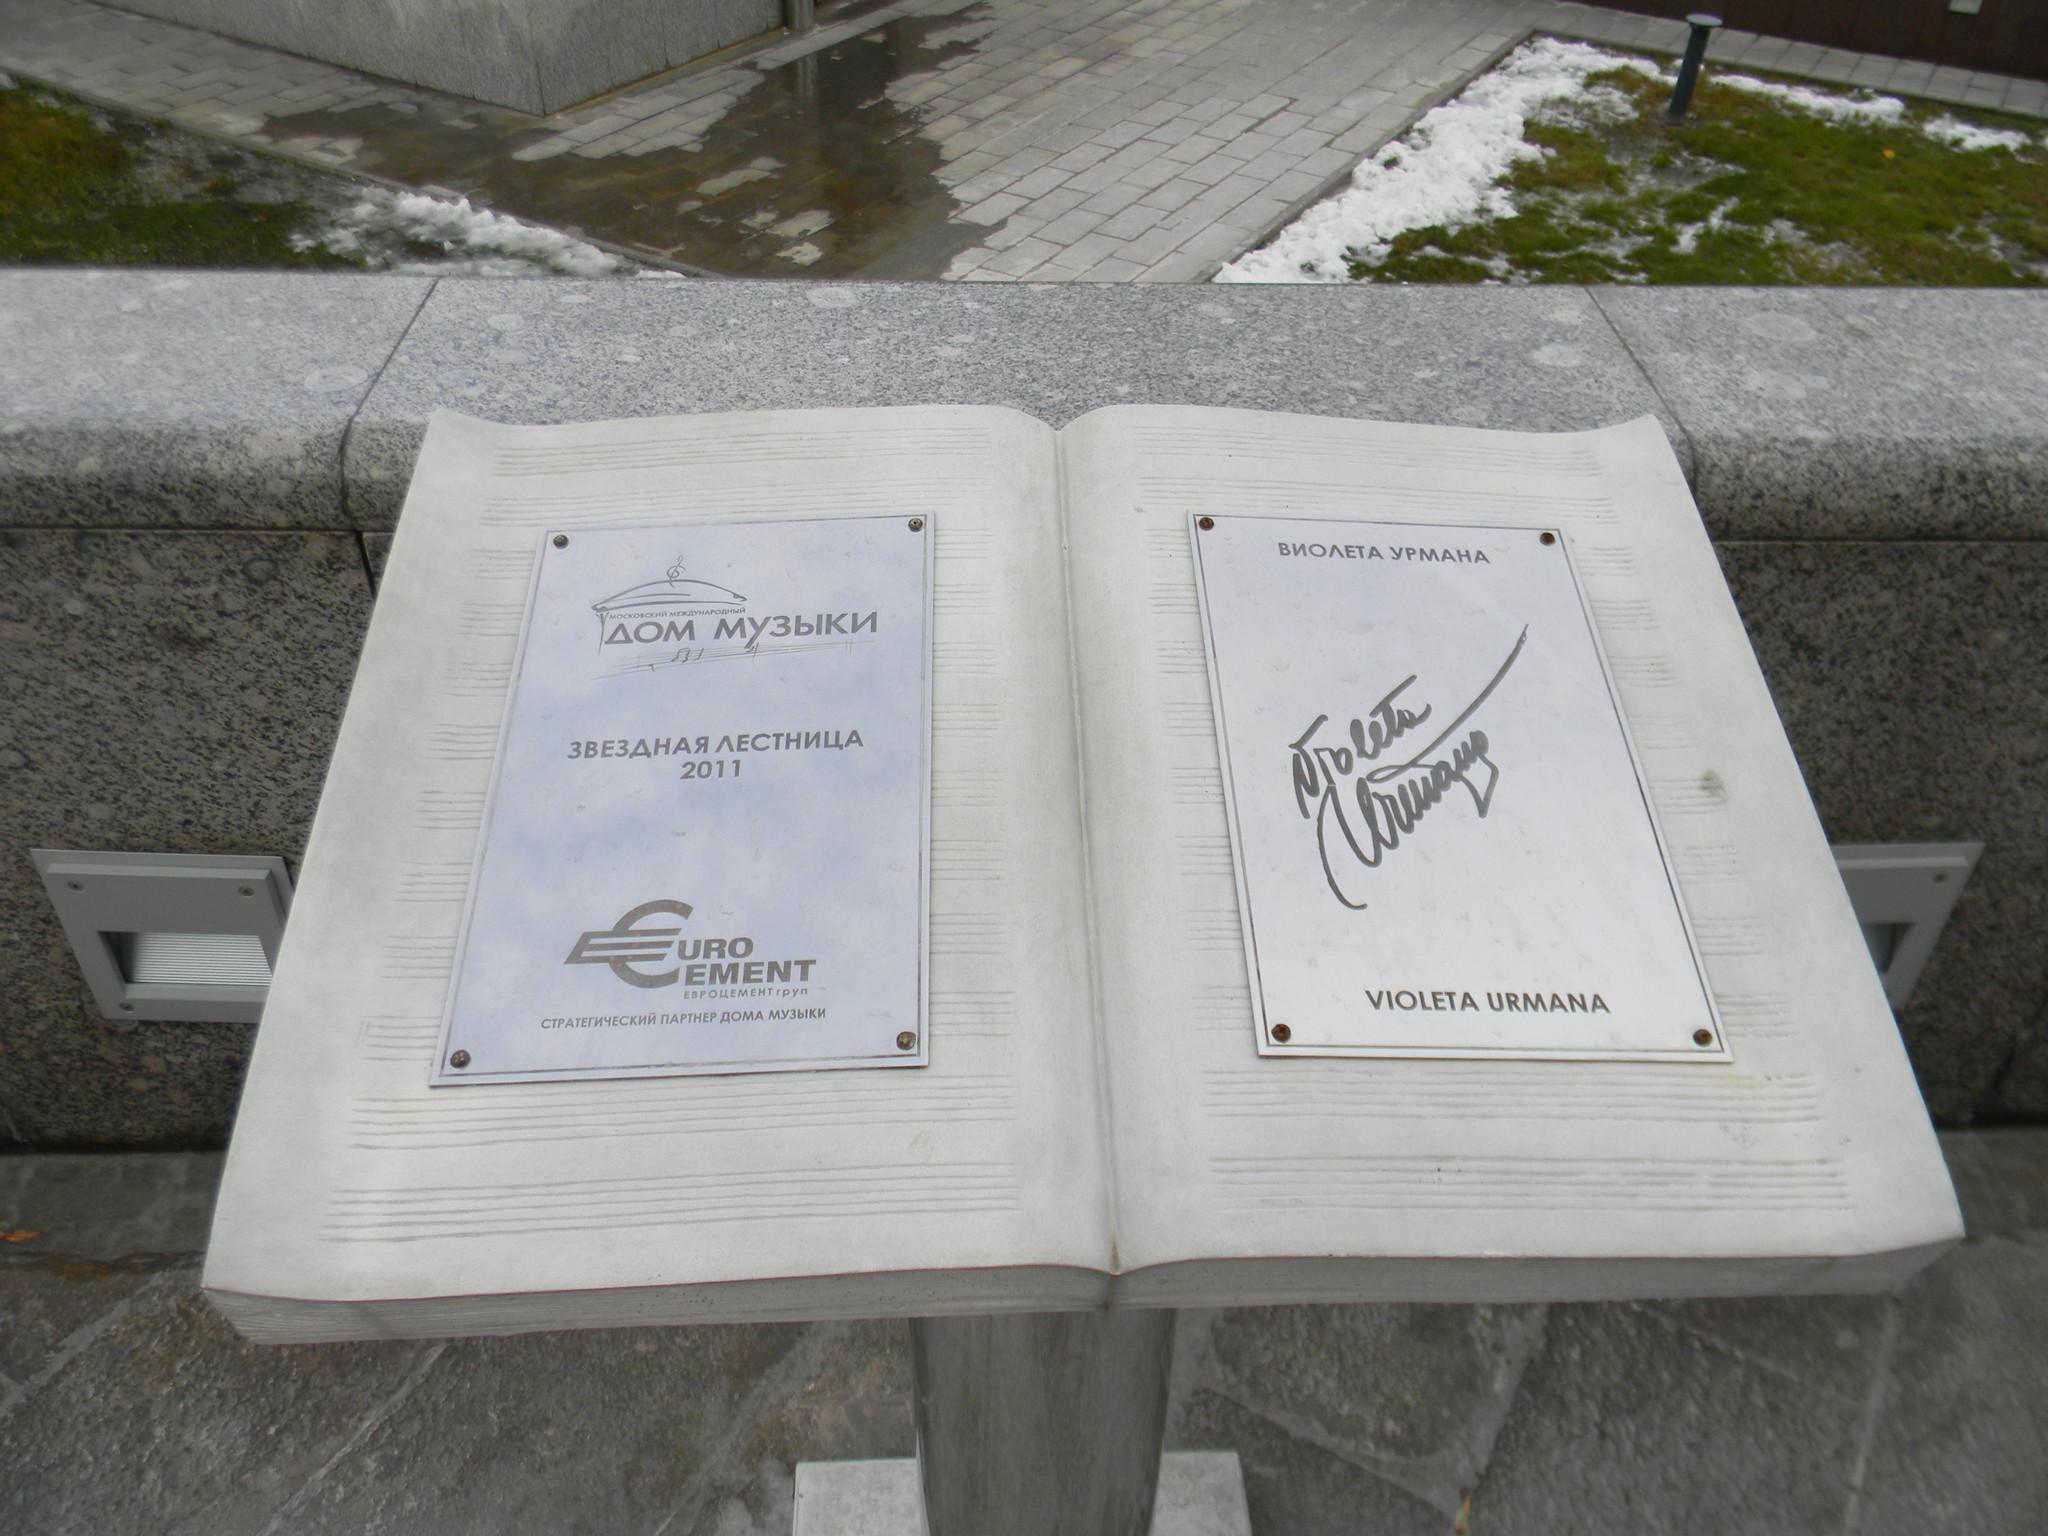 Звёздный автограф Виолеты Урманавичюте-Урмана у главной лестницы, ведущей в Светлановский зал Дома музыки